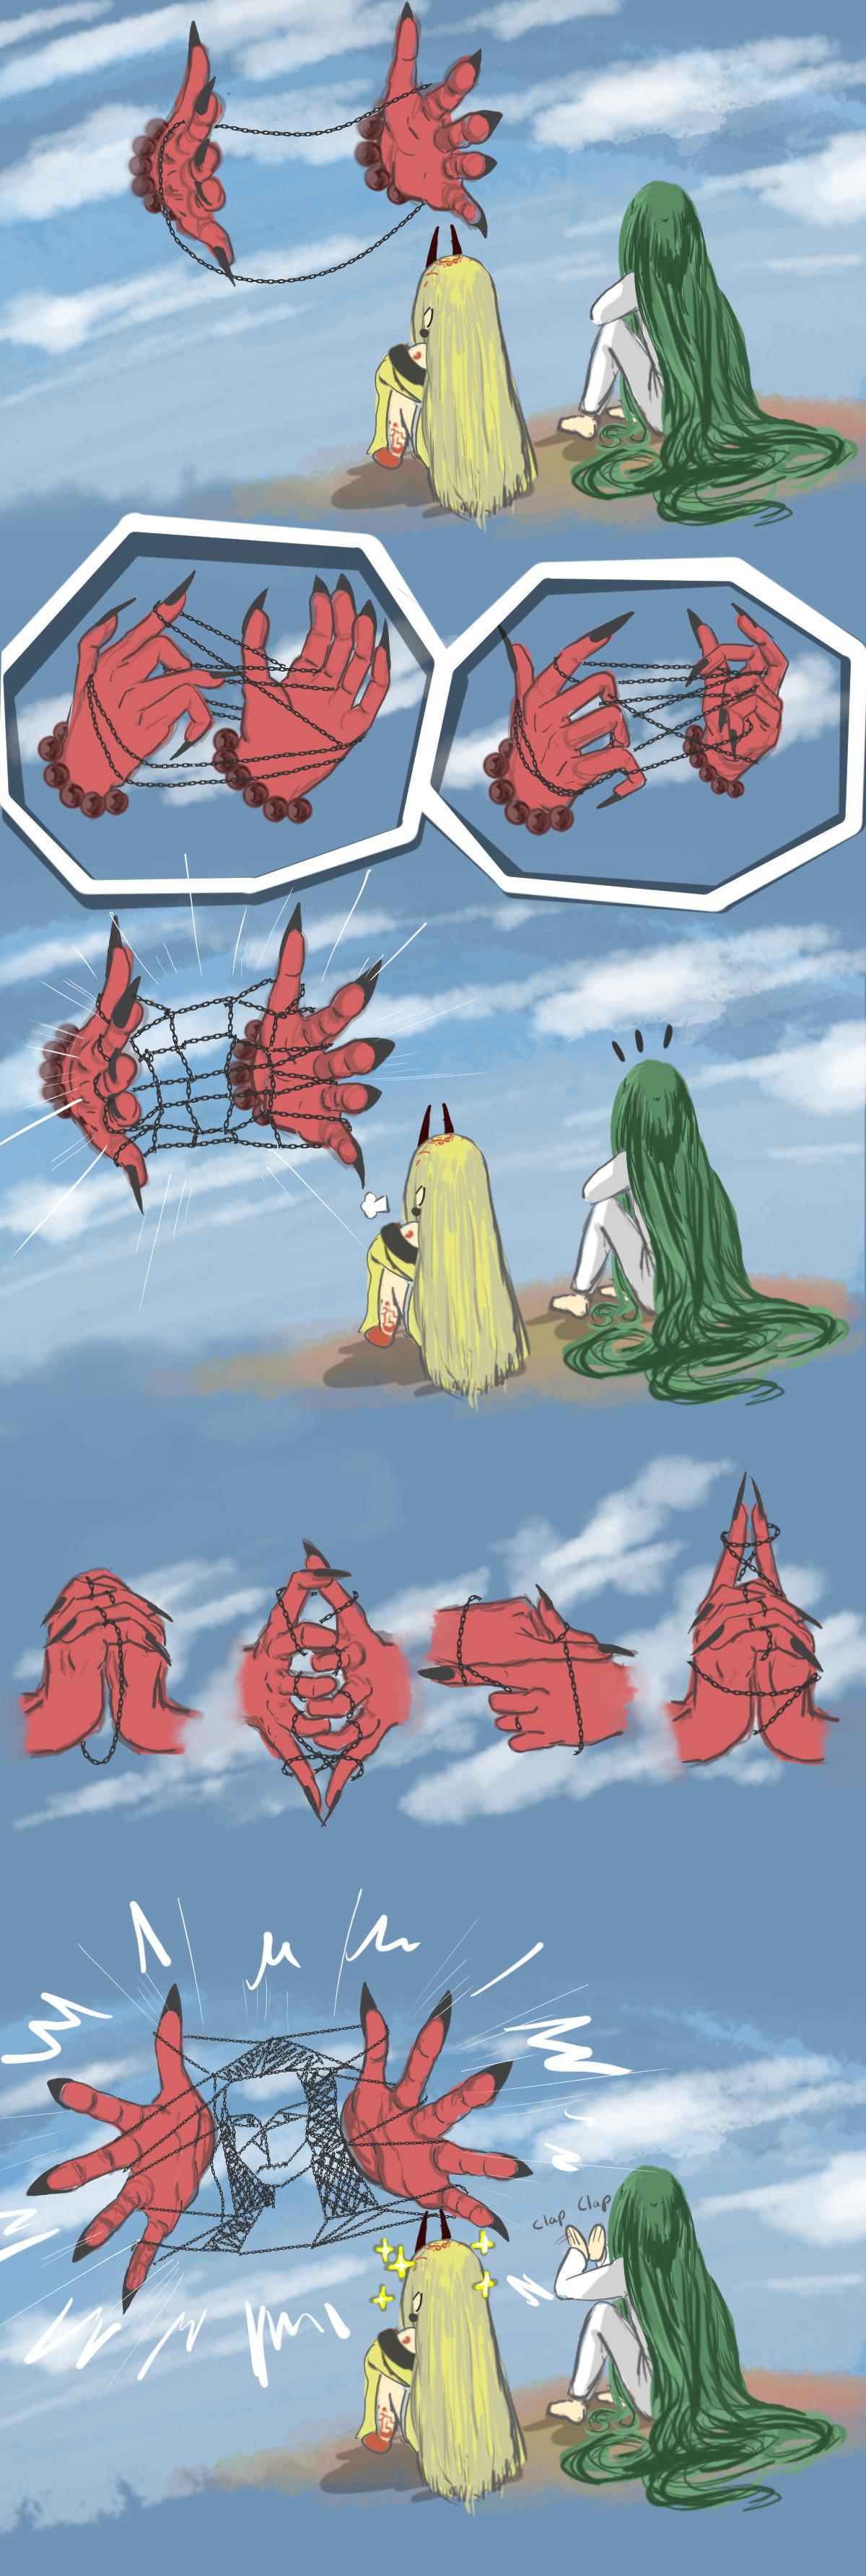 Oni ninjutsu. .. Isn't that the hand sign for Sasuke's Fireball from naruto?